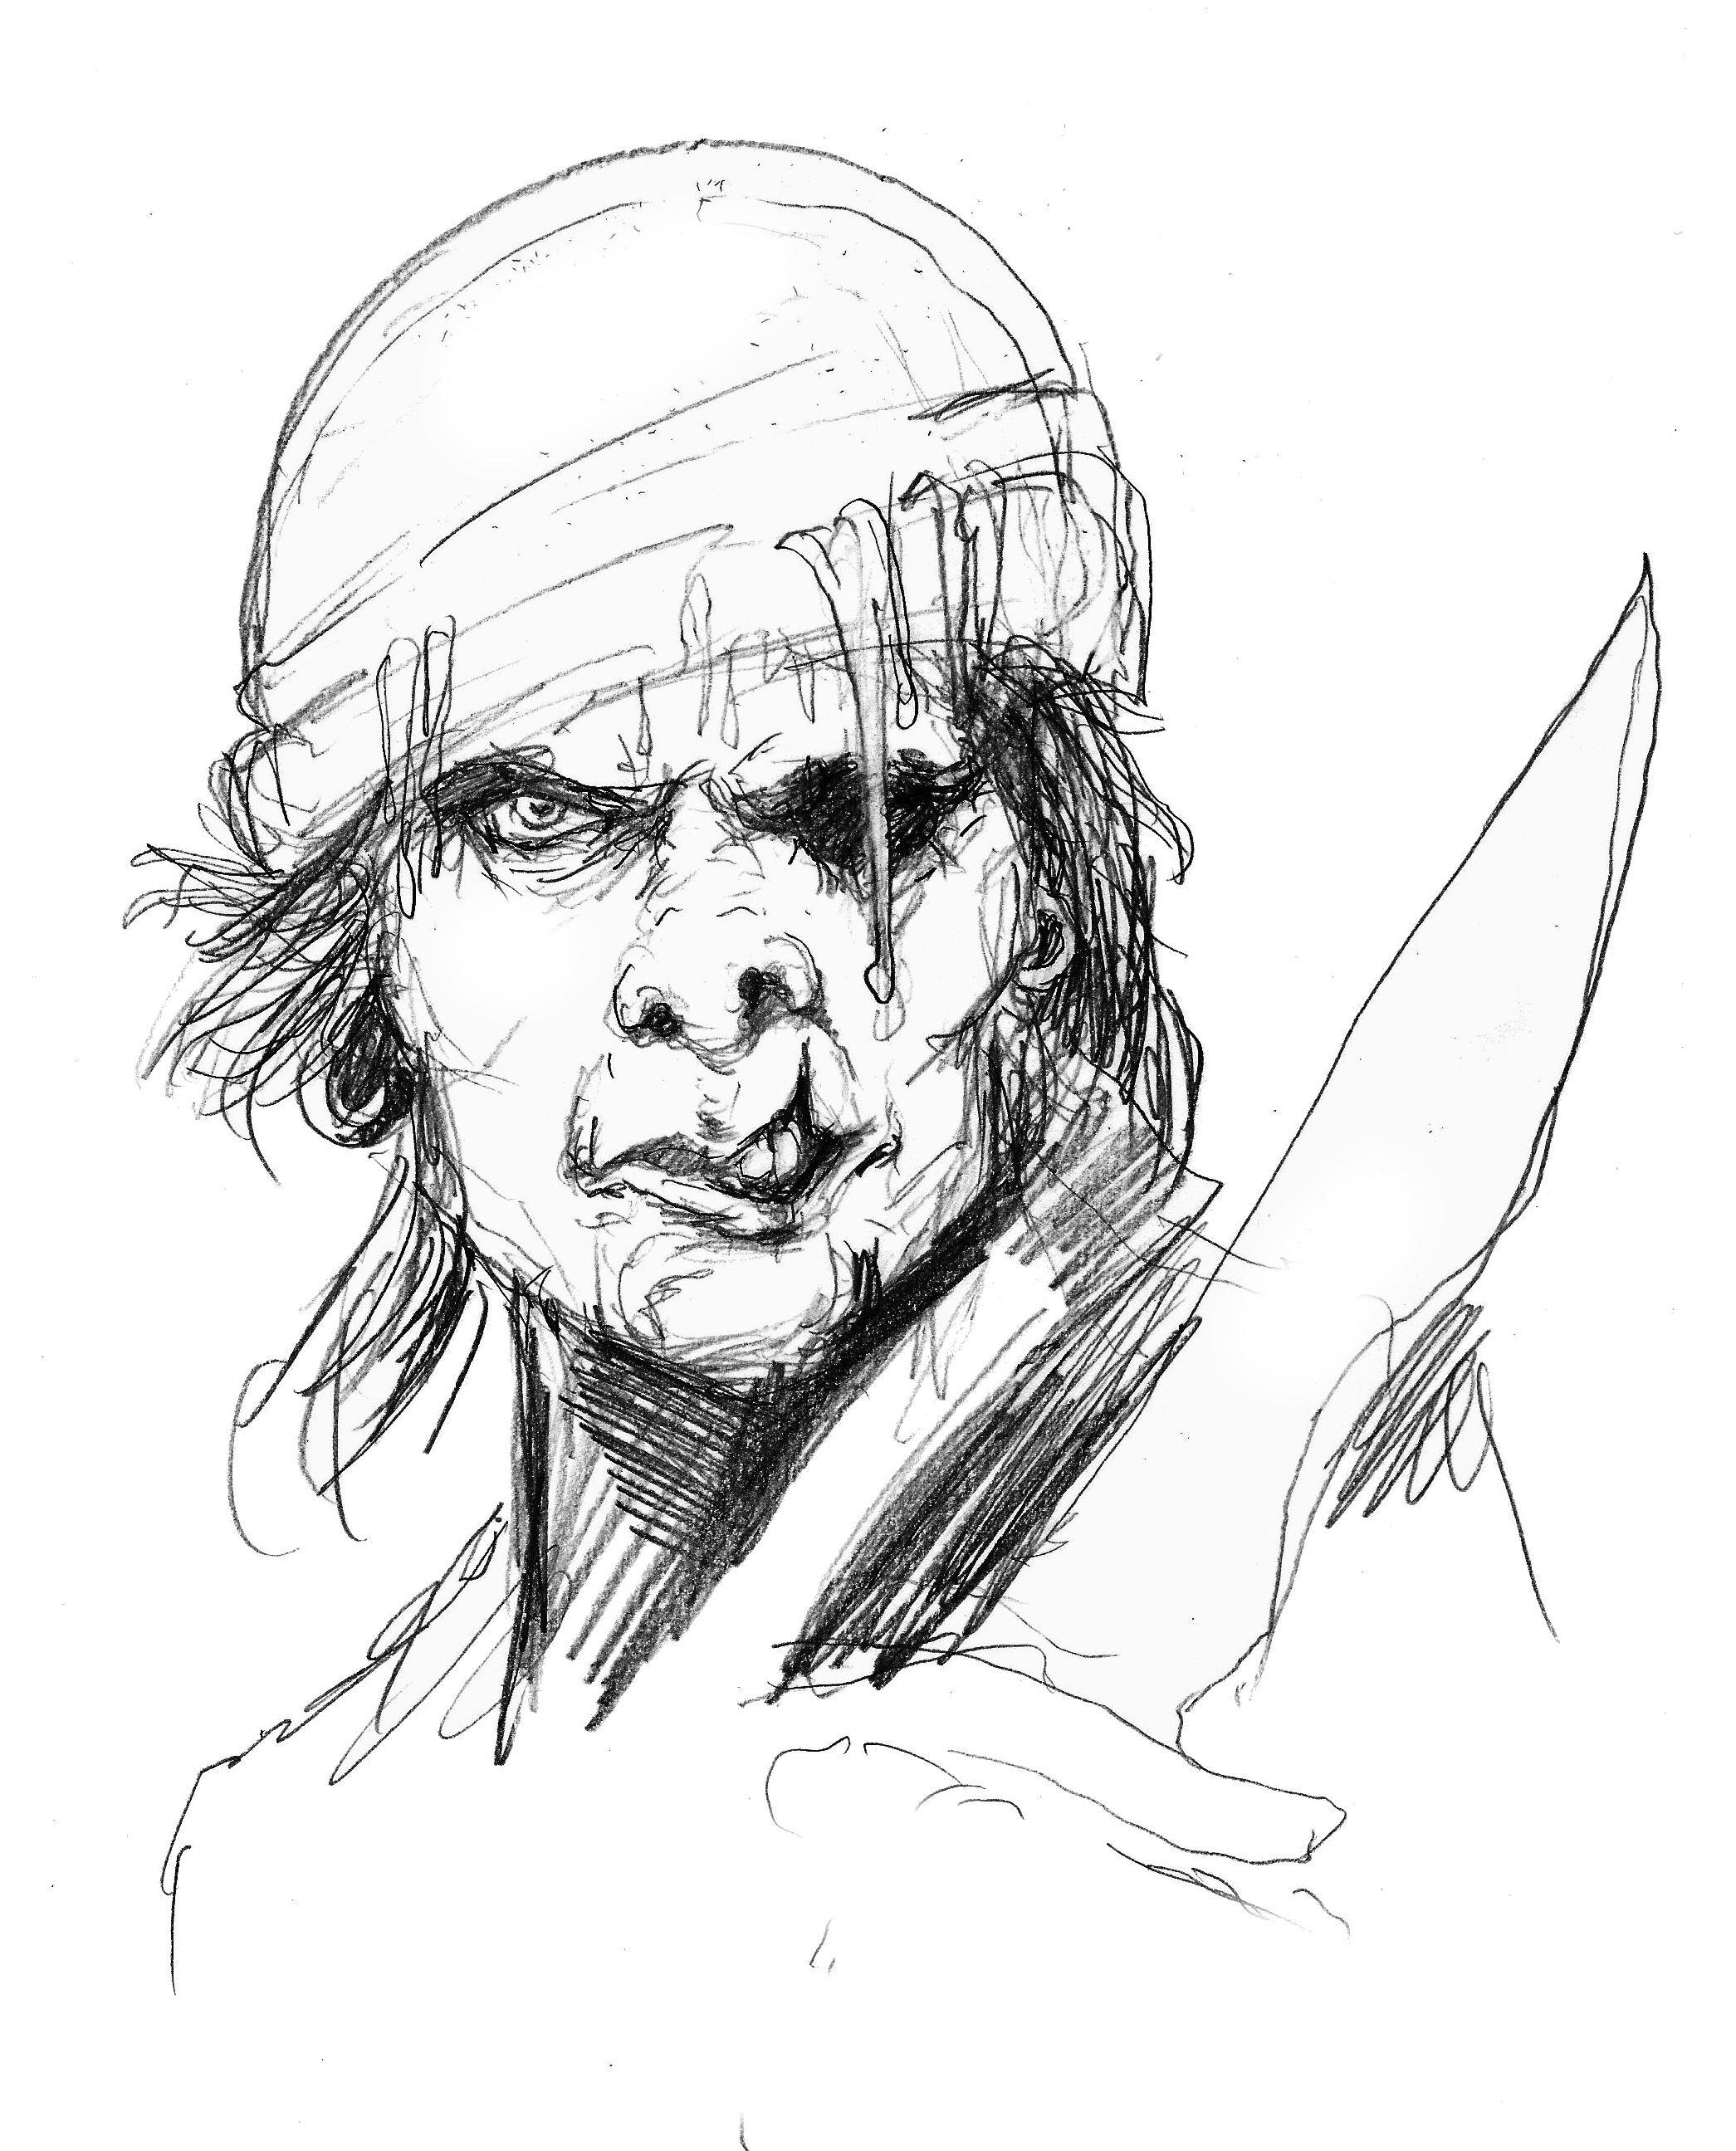 Conops sketch.jpg